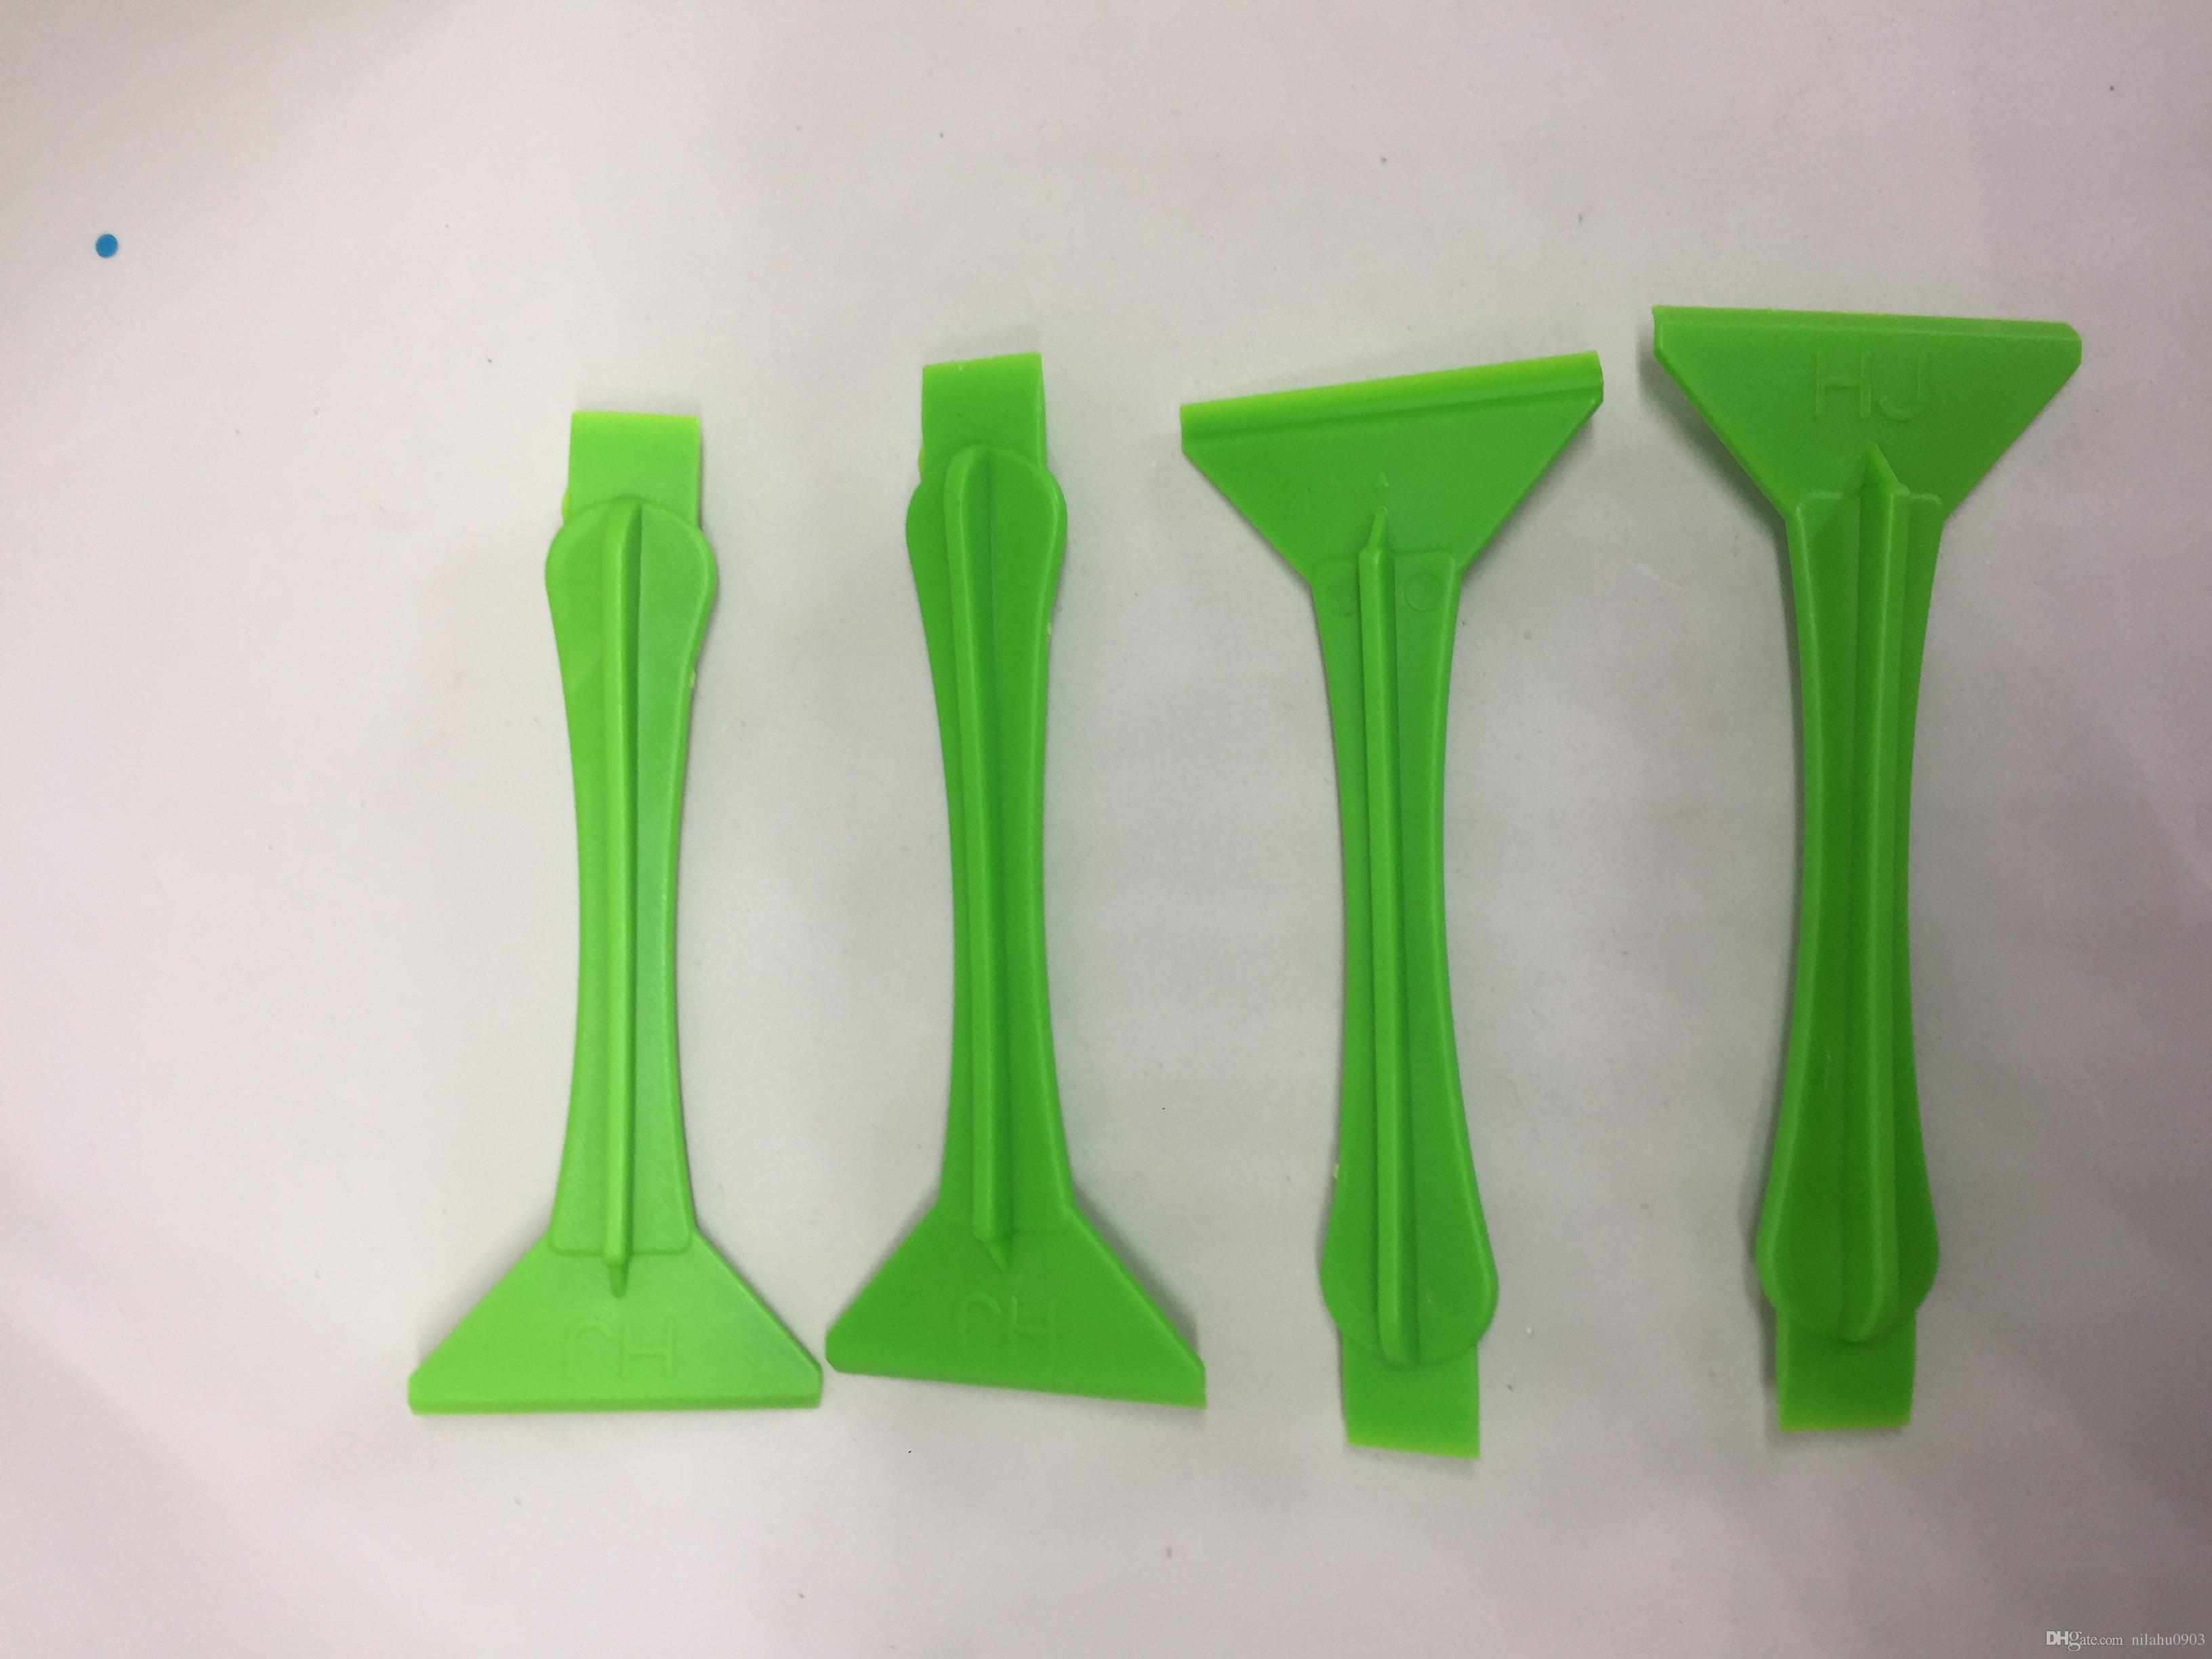 Telefone removendo plástico ferramenta de limpeza para polarizador OCA film Removal removedor de cola UV líquido raspador para reparação móvel